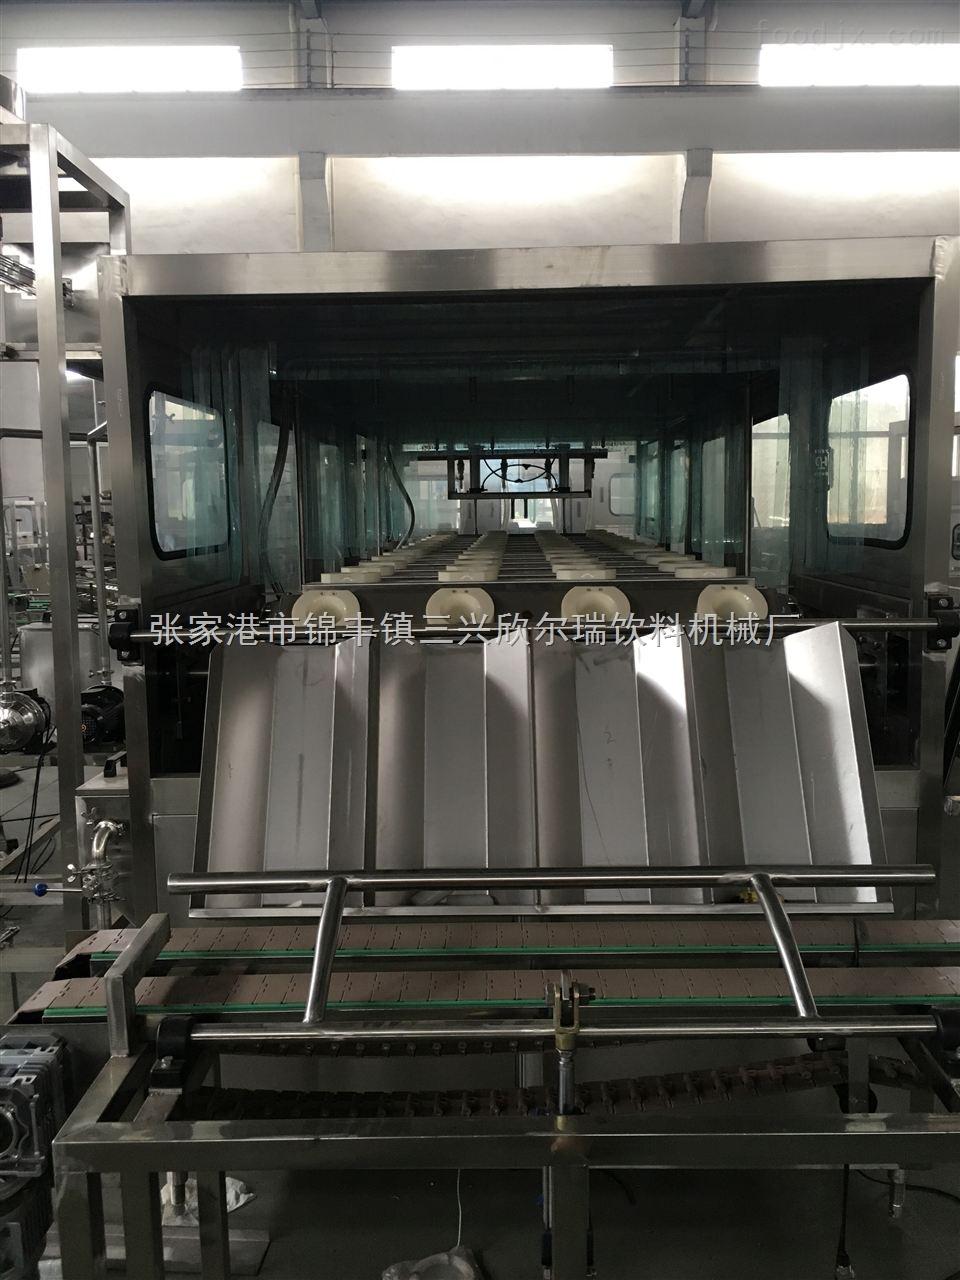 600桶装饮用水生产线